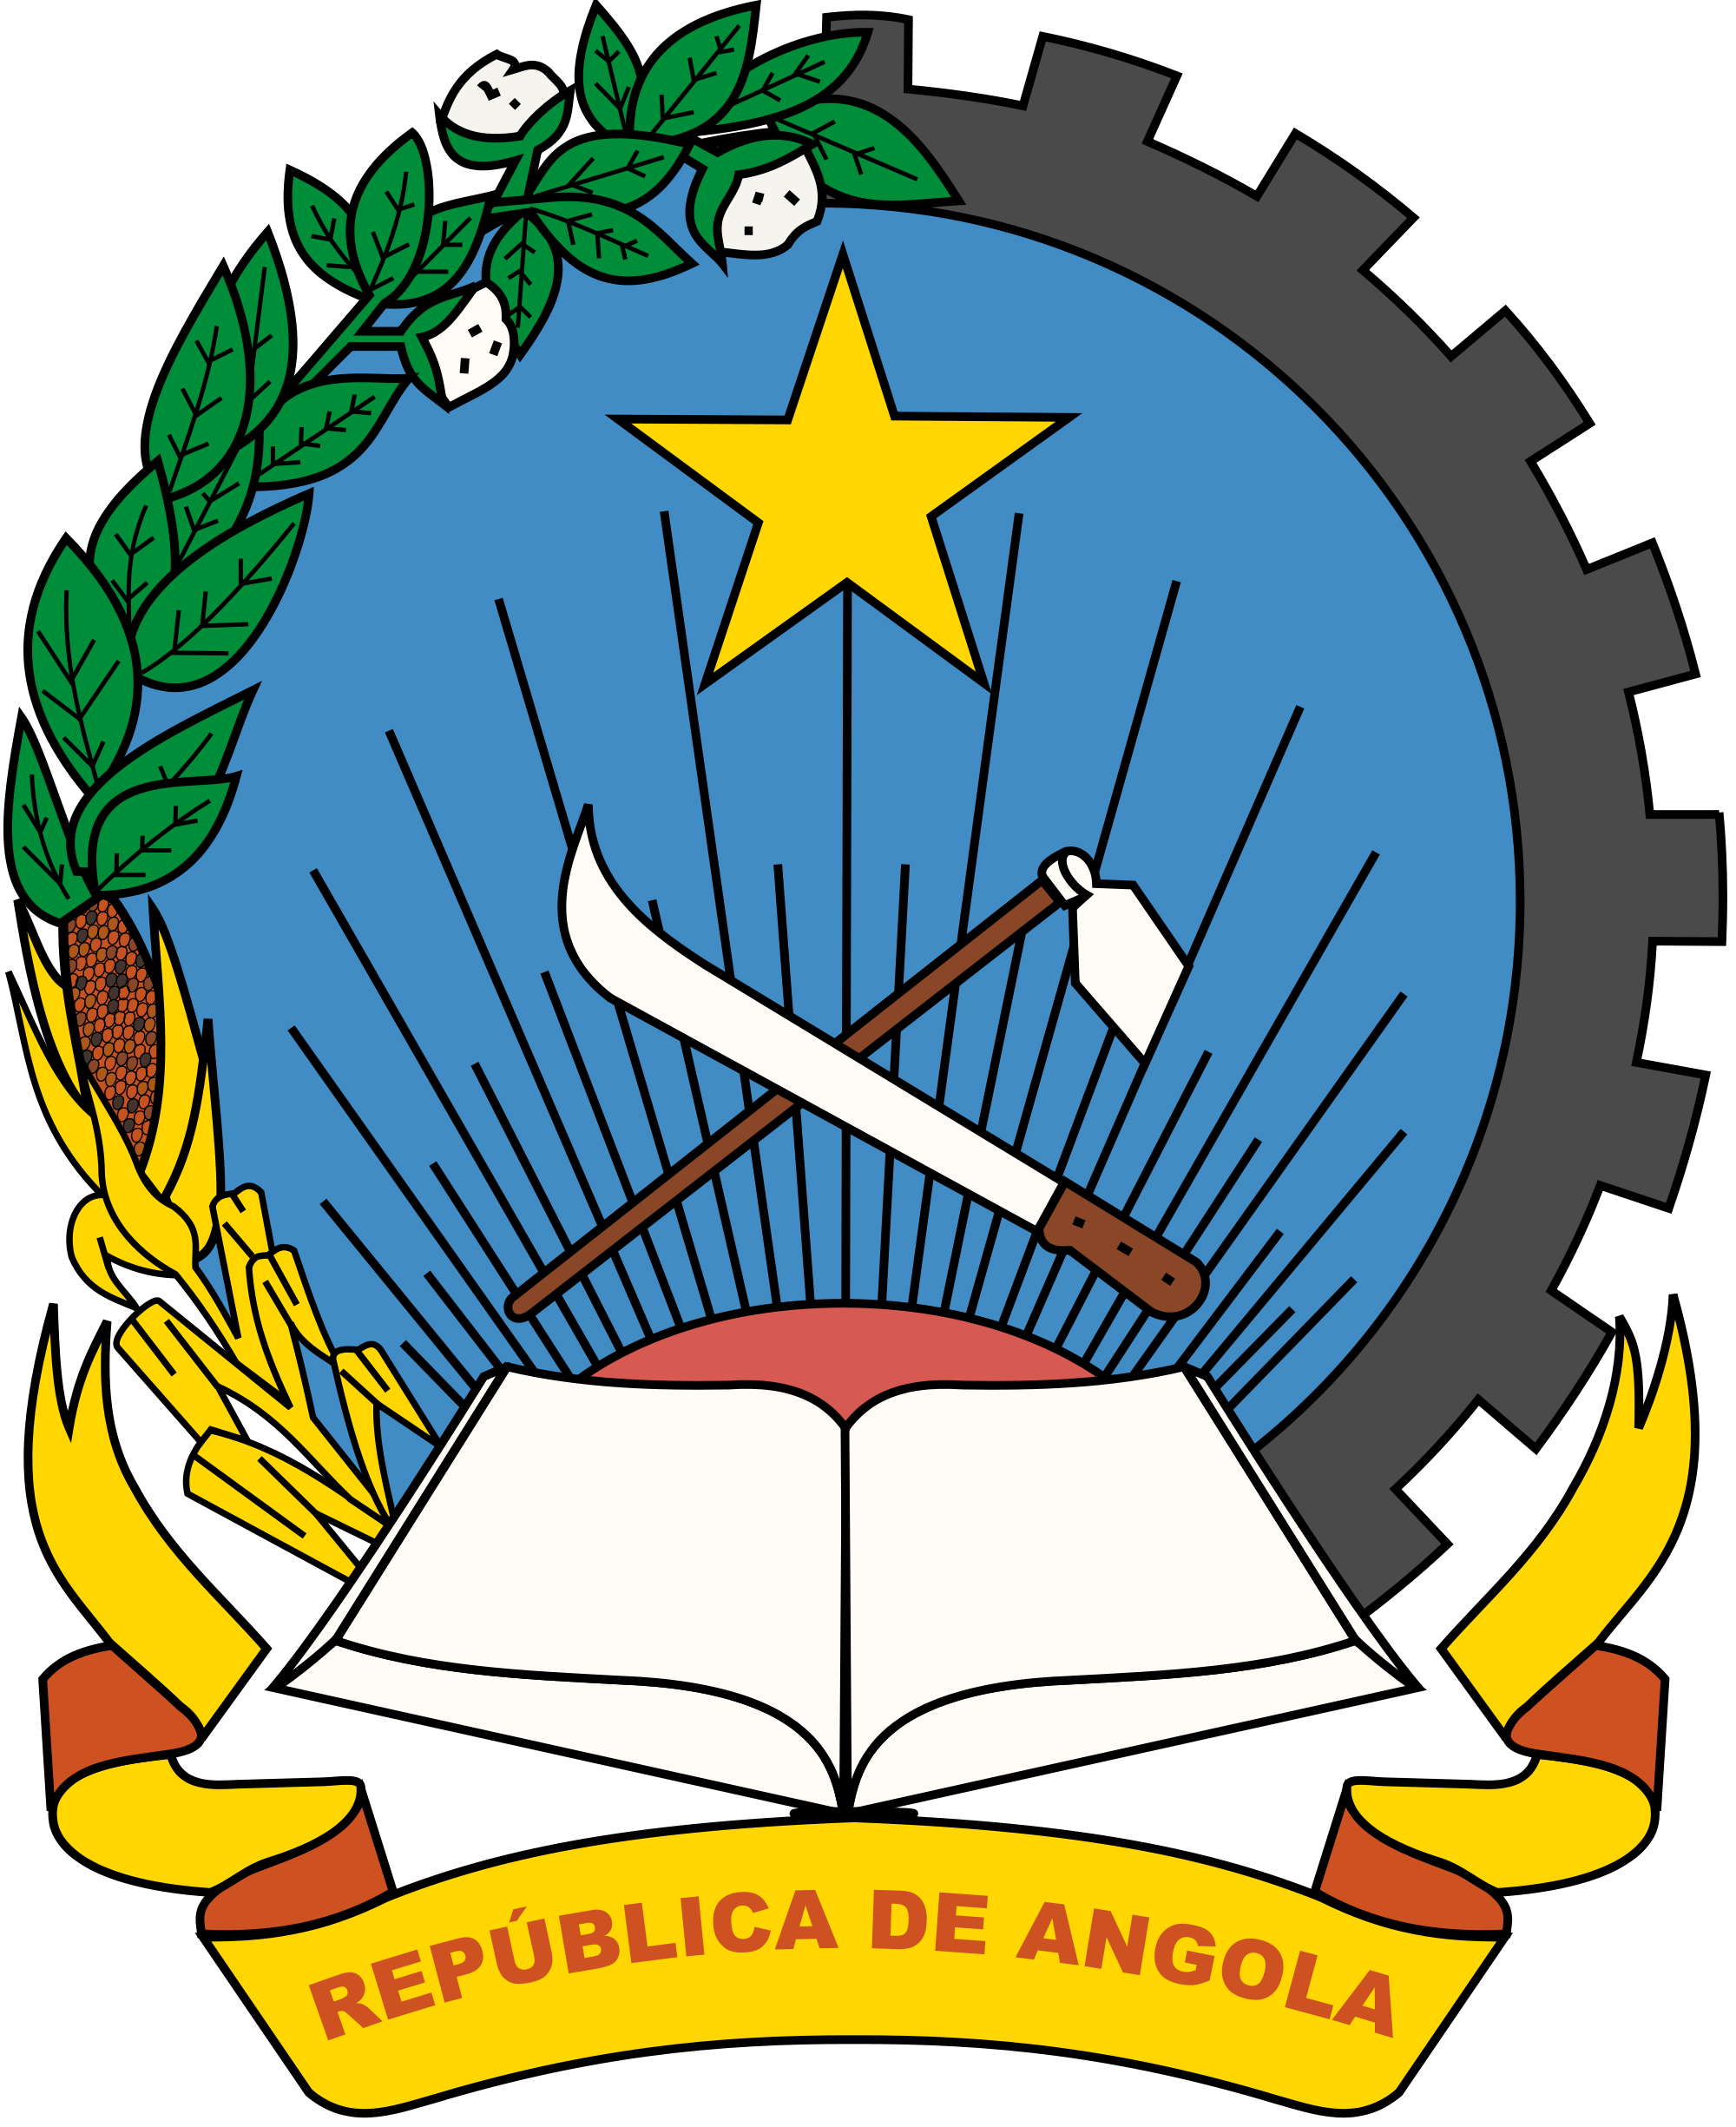 Герб на Ангола